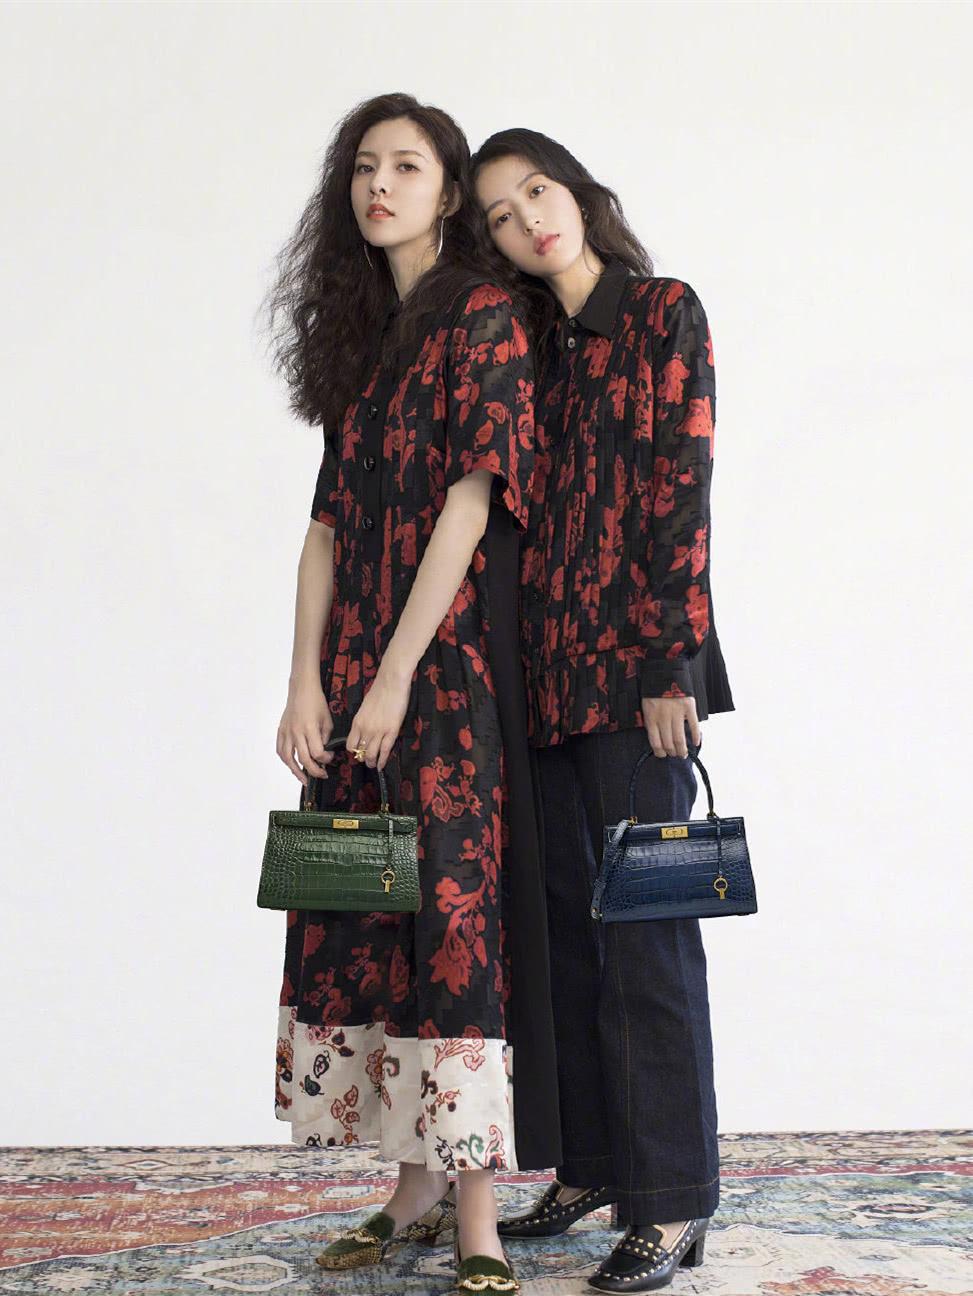 周雨彤和宋妍霏,挑战姐妹花造型,终于找到闺蜜装正确打开方式!